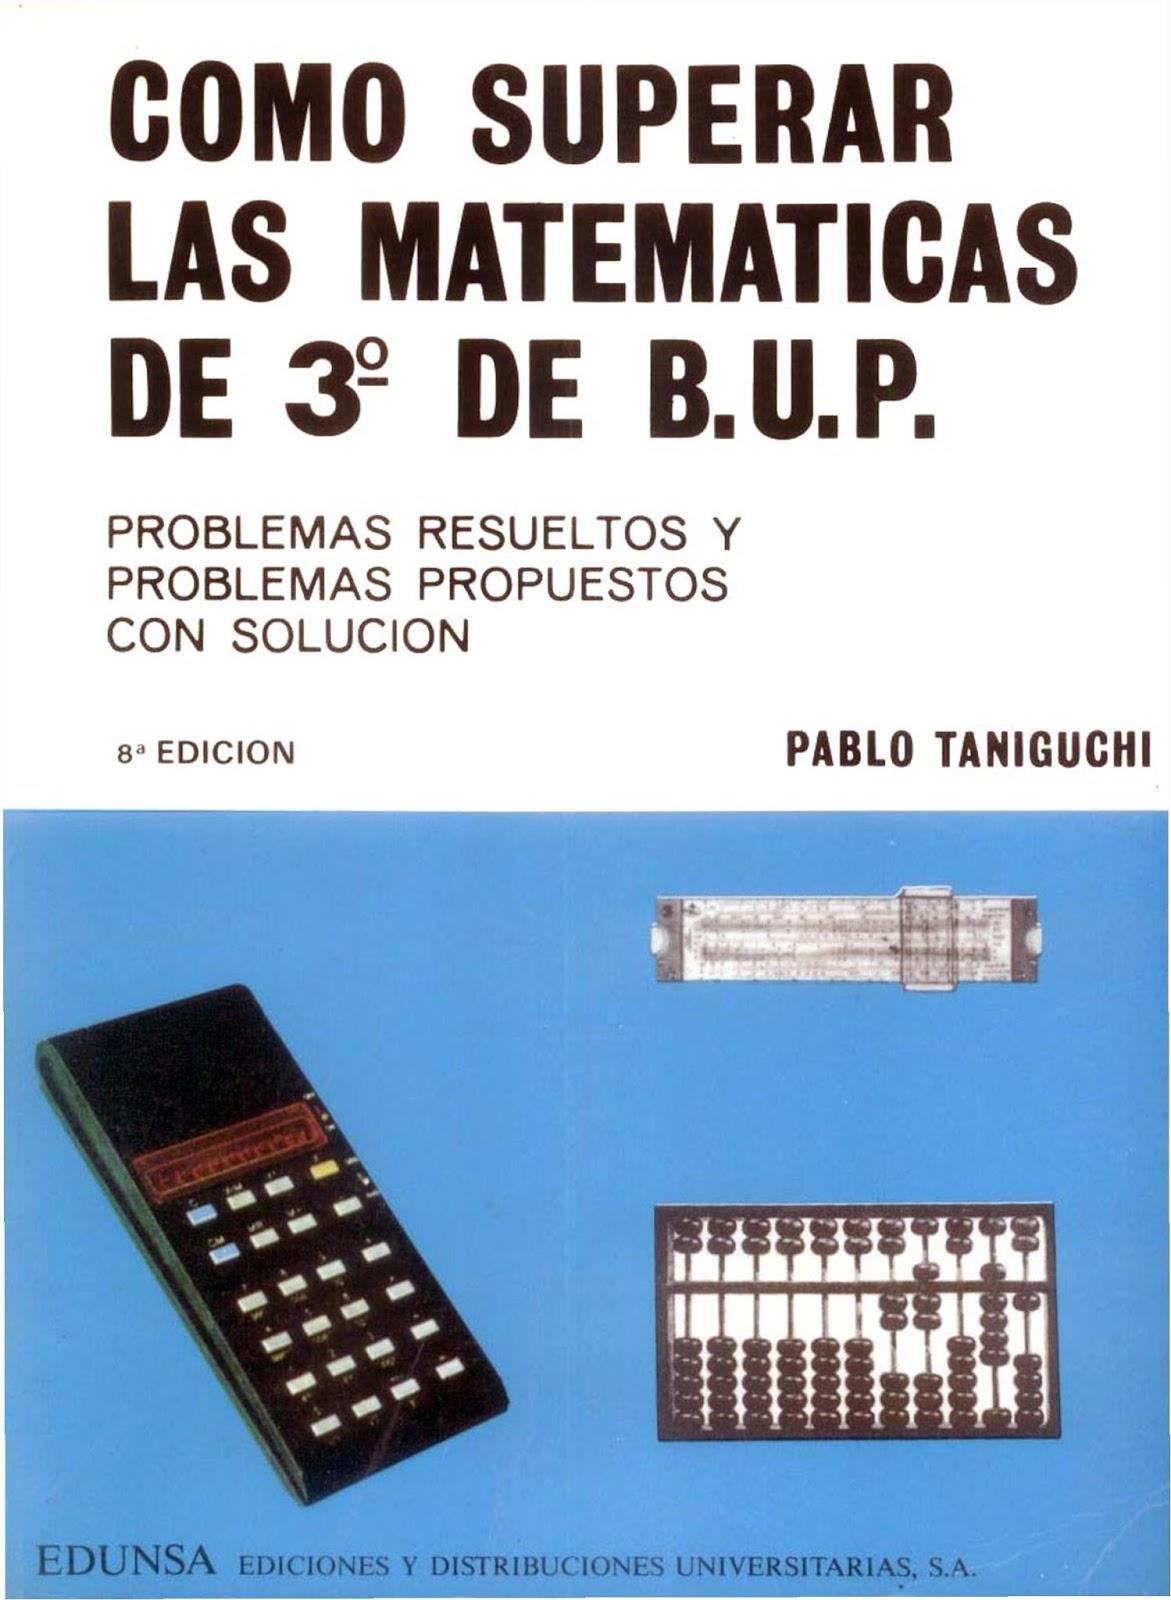 Cómo Superar las Matemáticas de 3º de B.U.P. – Pablo Taniguchi